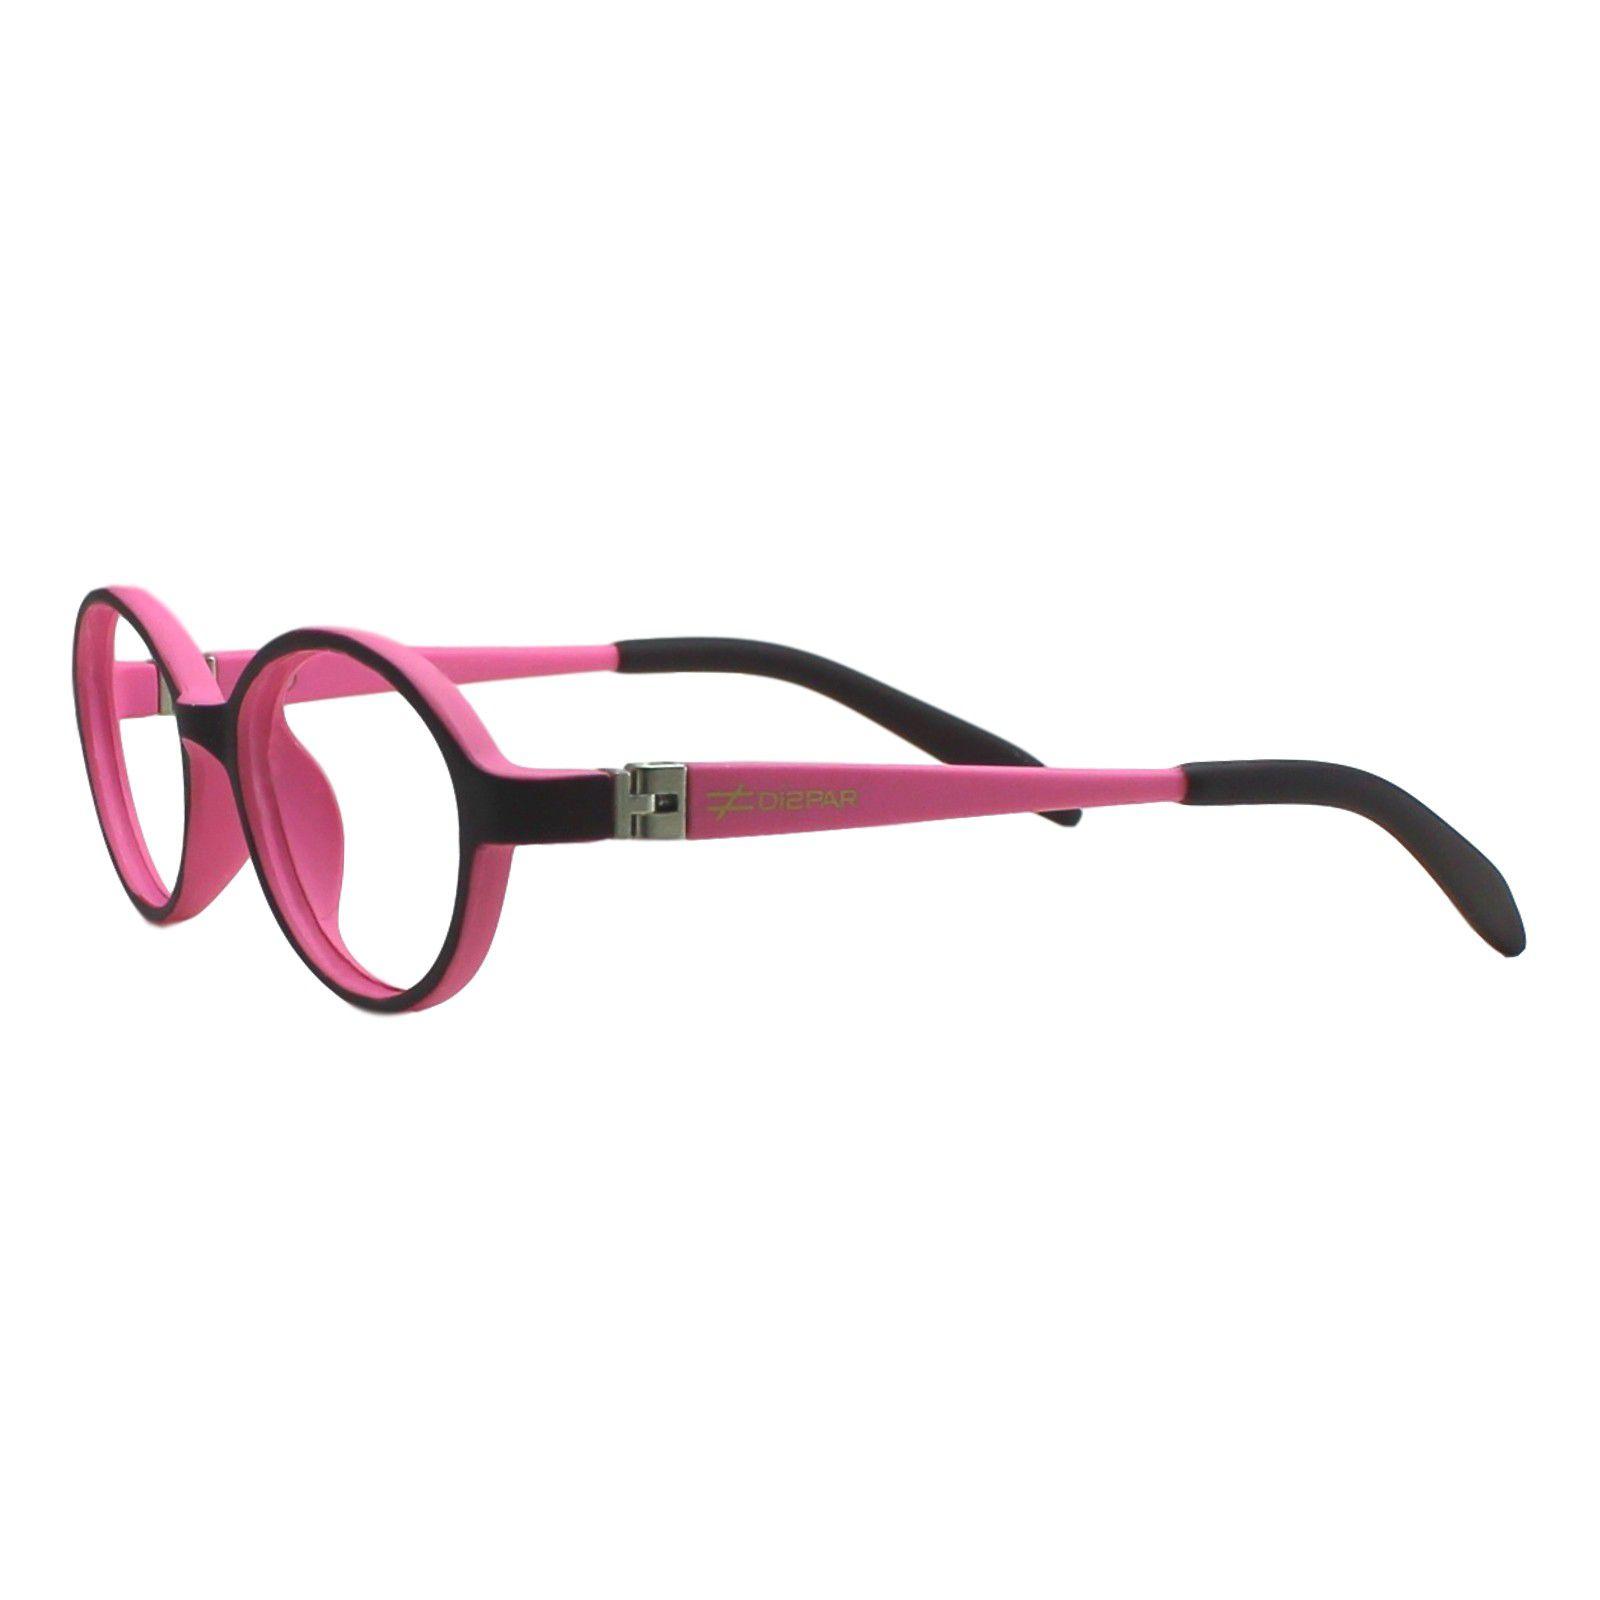 ... Armação para Óculos de Grau Díspar ID1945 Flexível Infantil Rosa 3 a 6  anos - Díspar ... b227ed017a